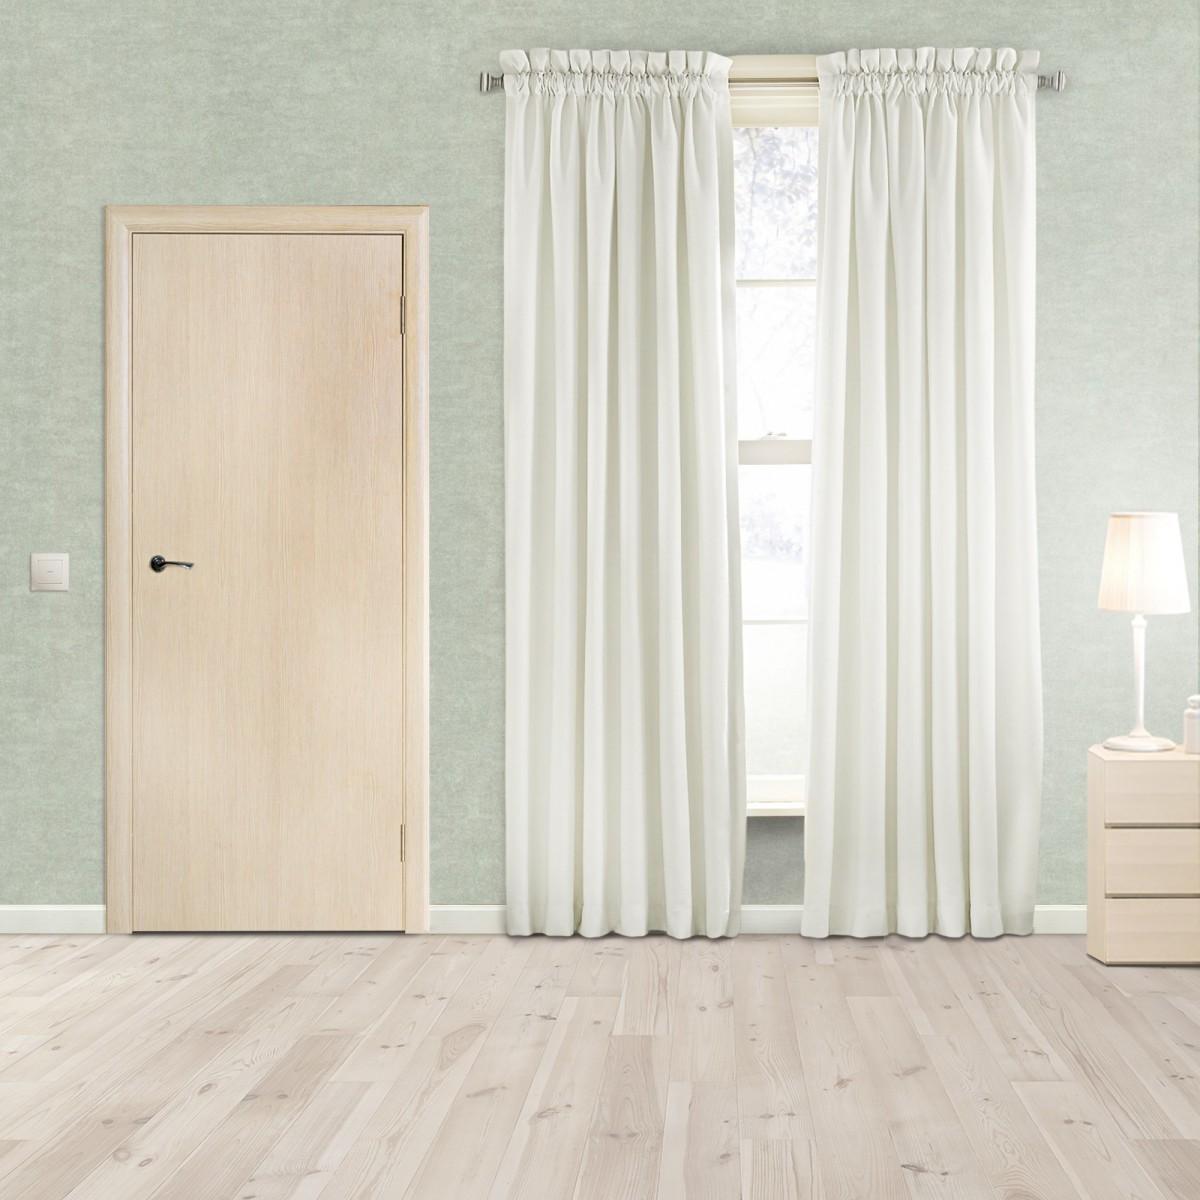 Дверь Межкомнатная Глухая Aura 50x200 Ламинация Цвет Ясень 3d